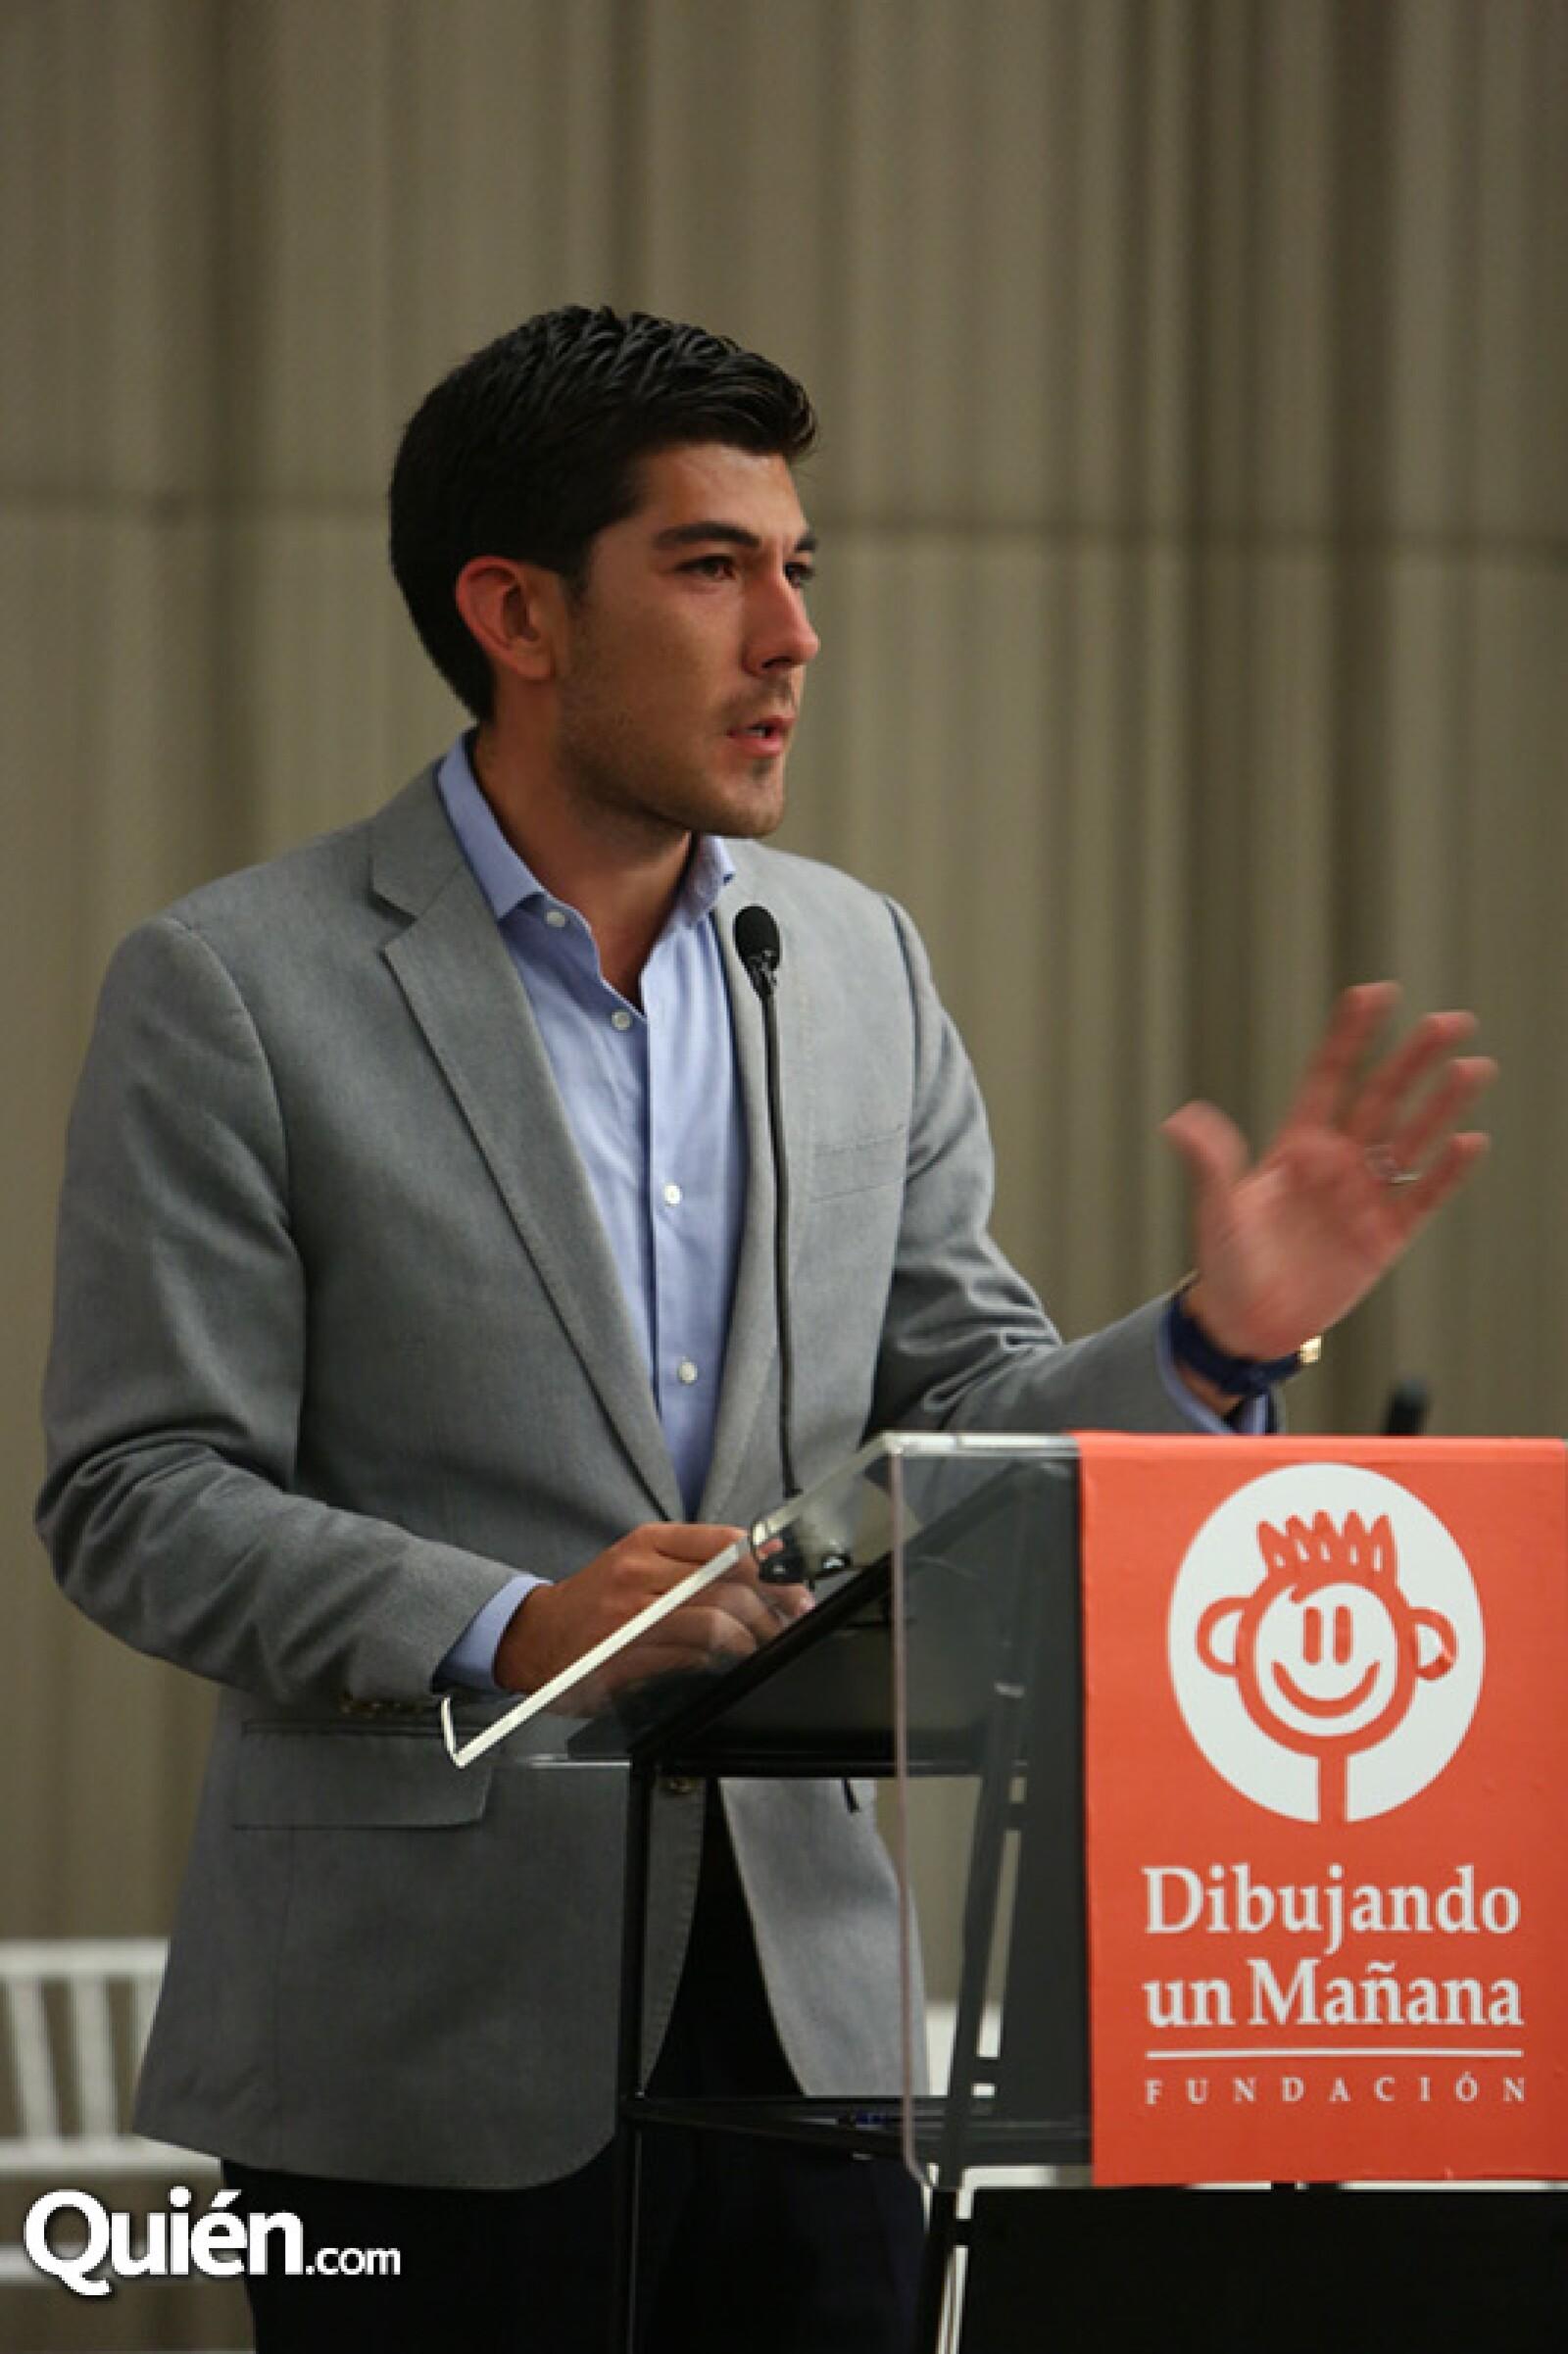 Manuel López San Martín